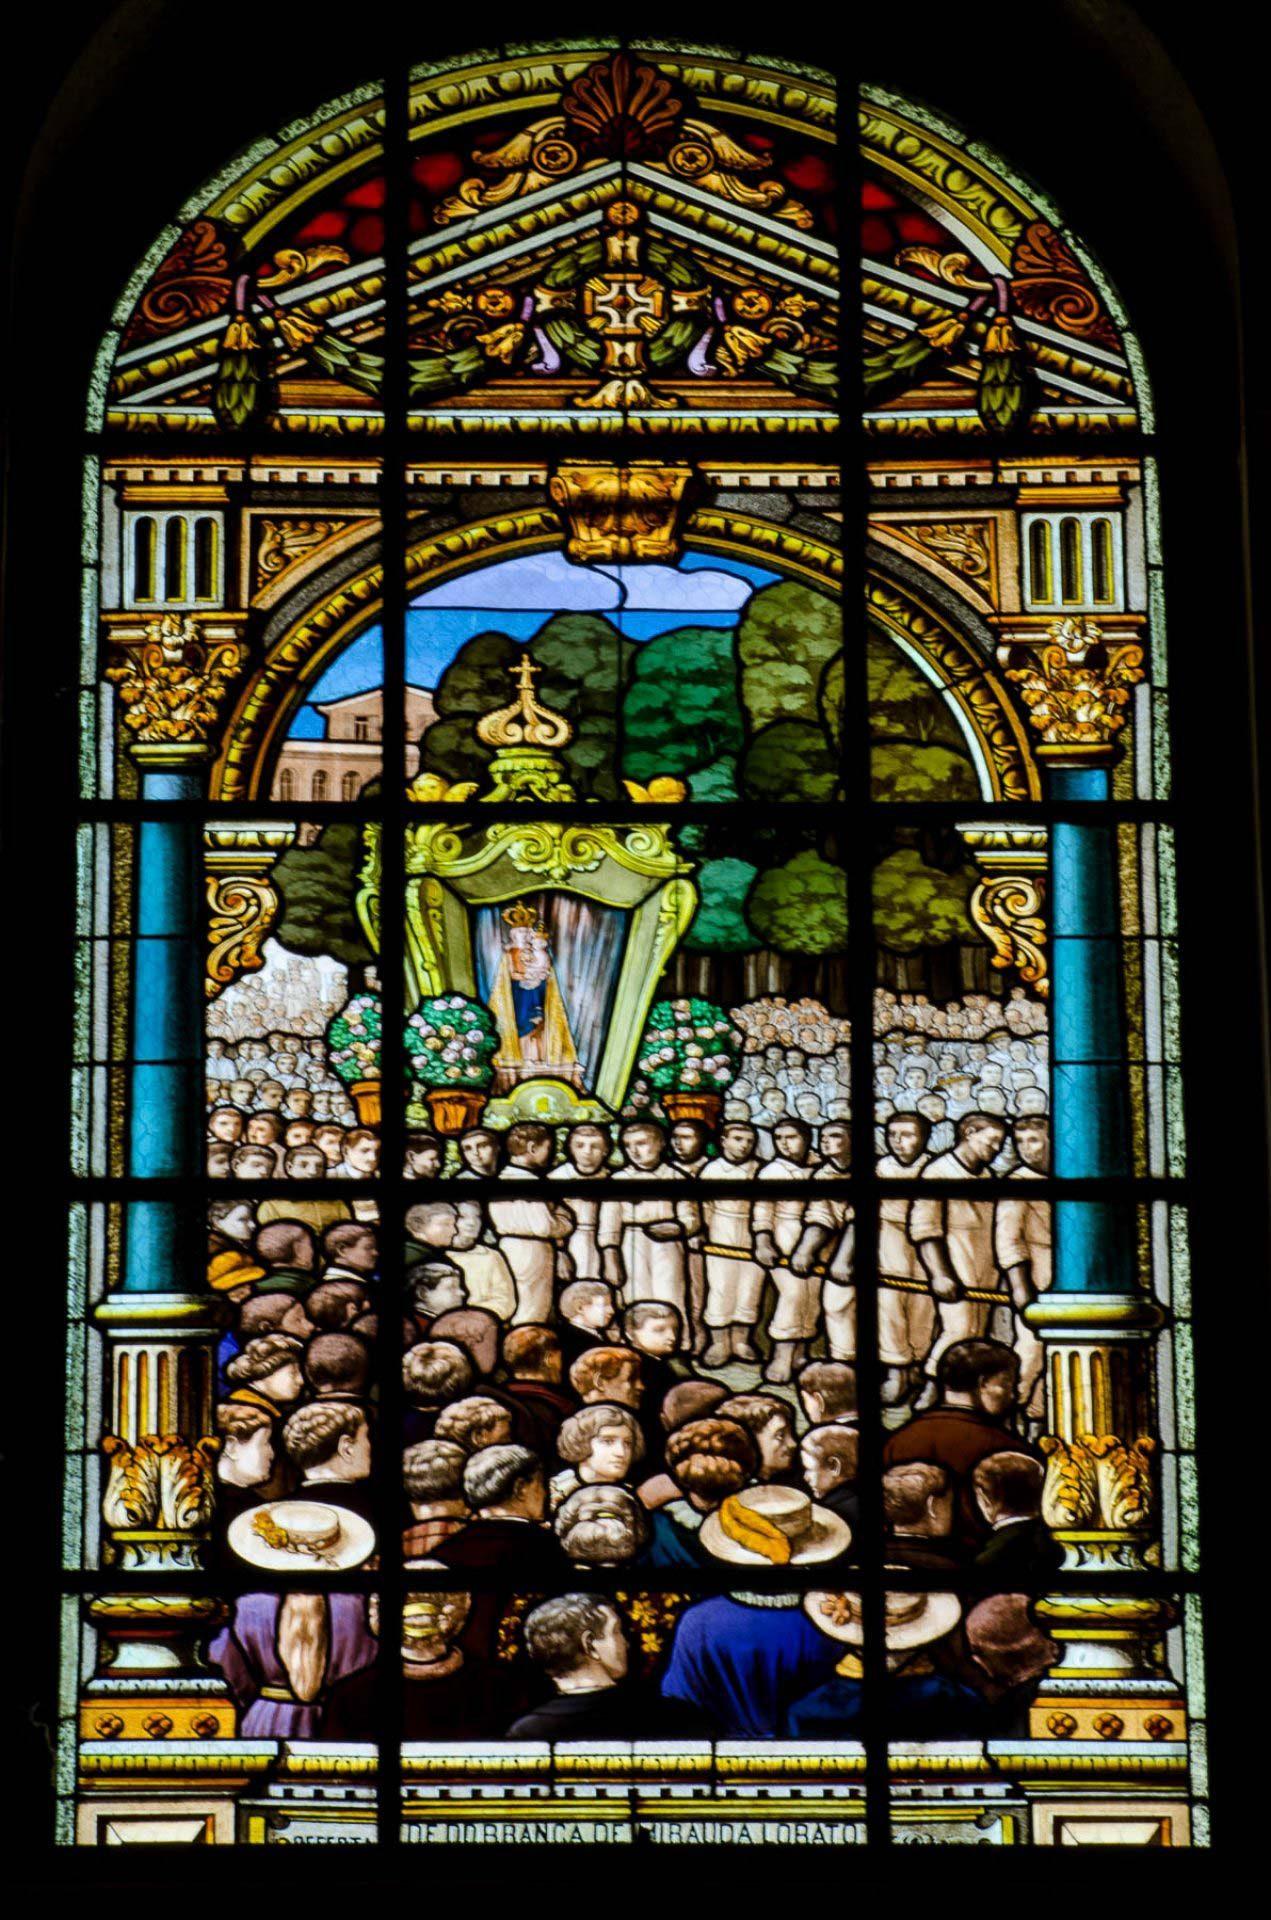 O Círio dos nossos tempos - Vitrais da Basílica de Nazaré - B